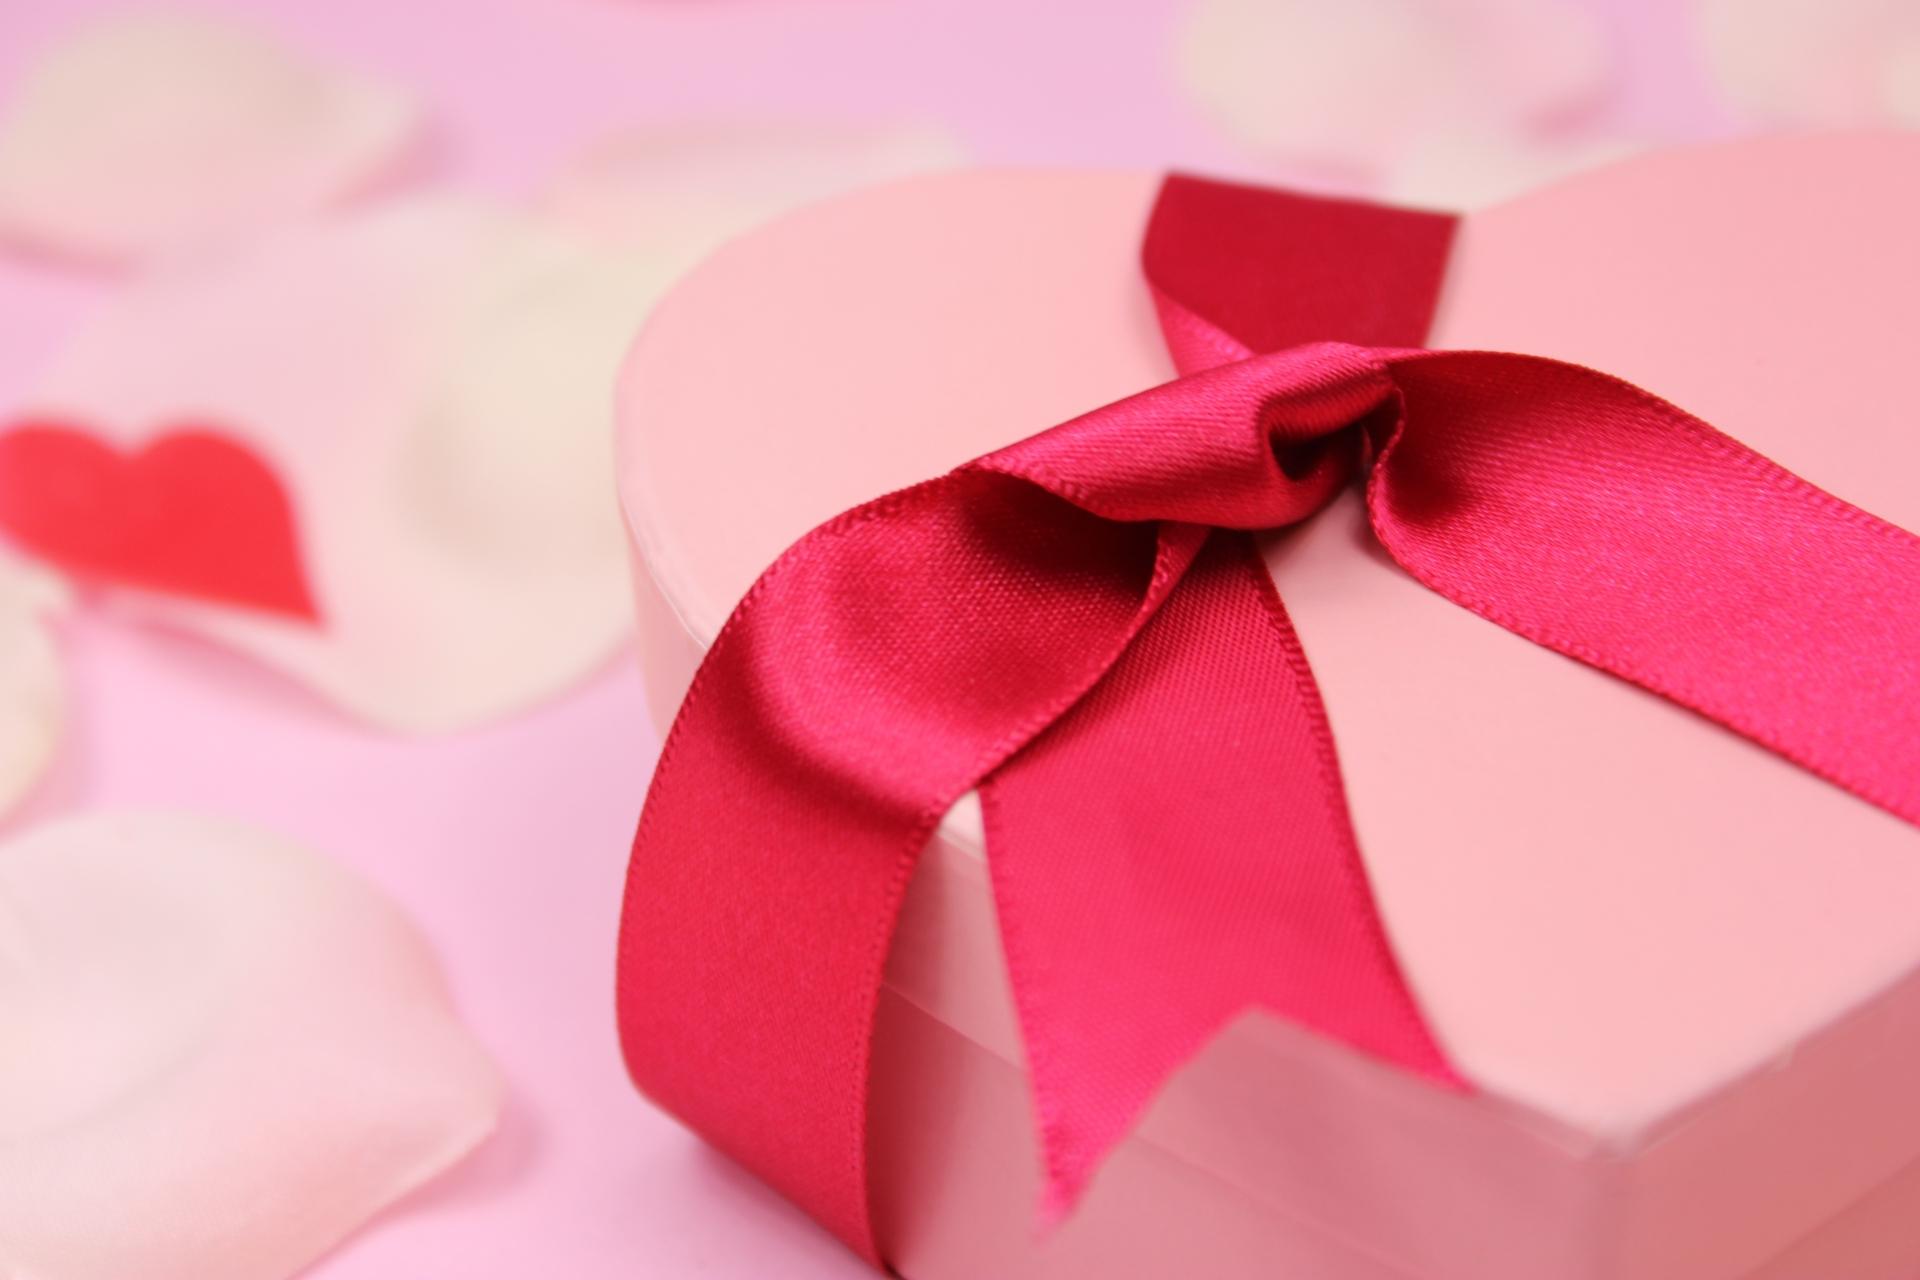 結婚祝いプレゼントのおすすめ32選【2020年版】